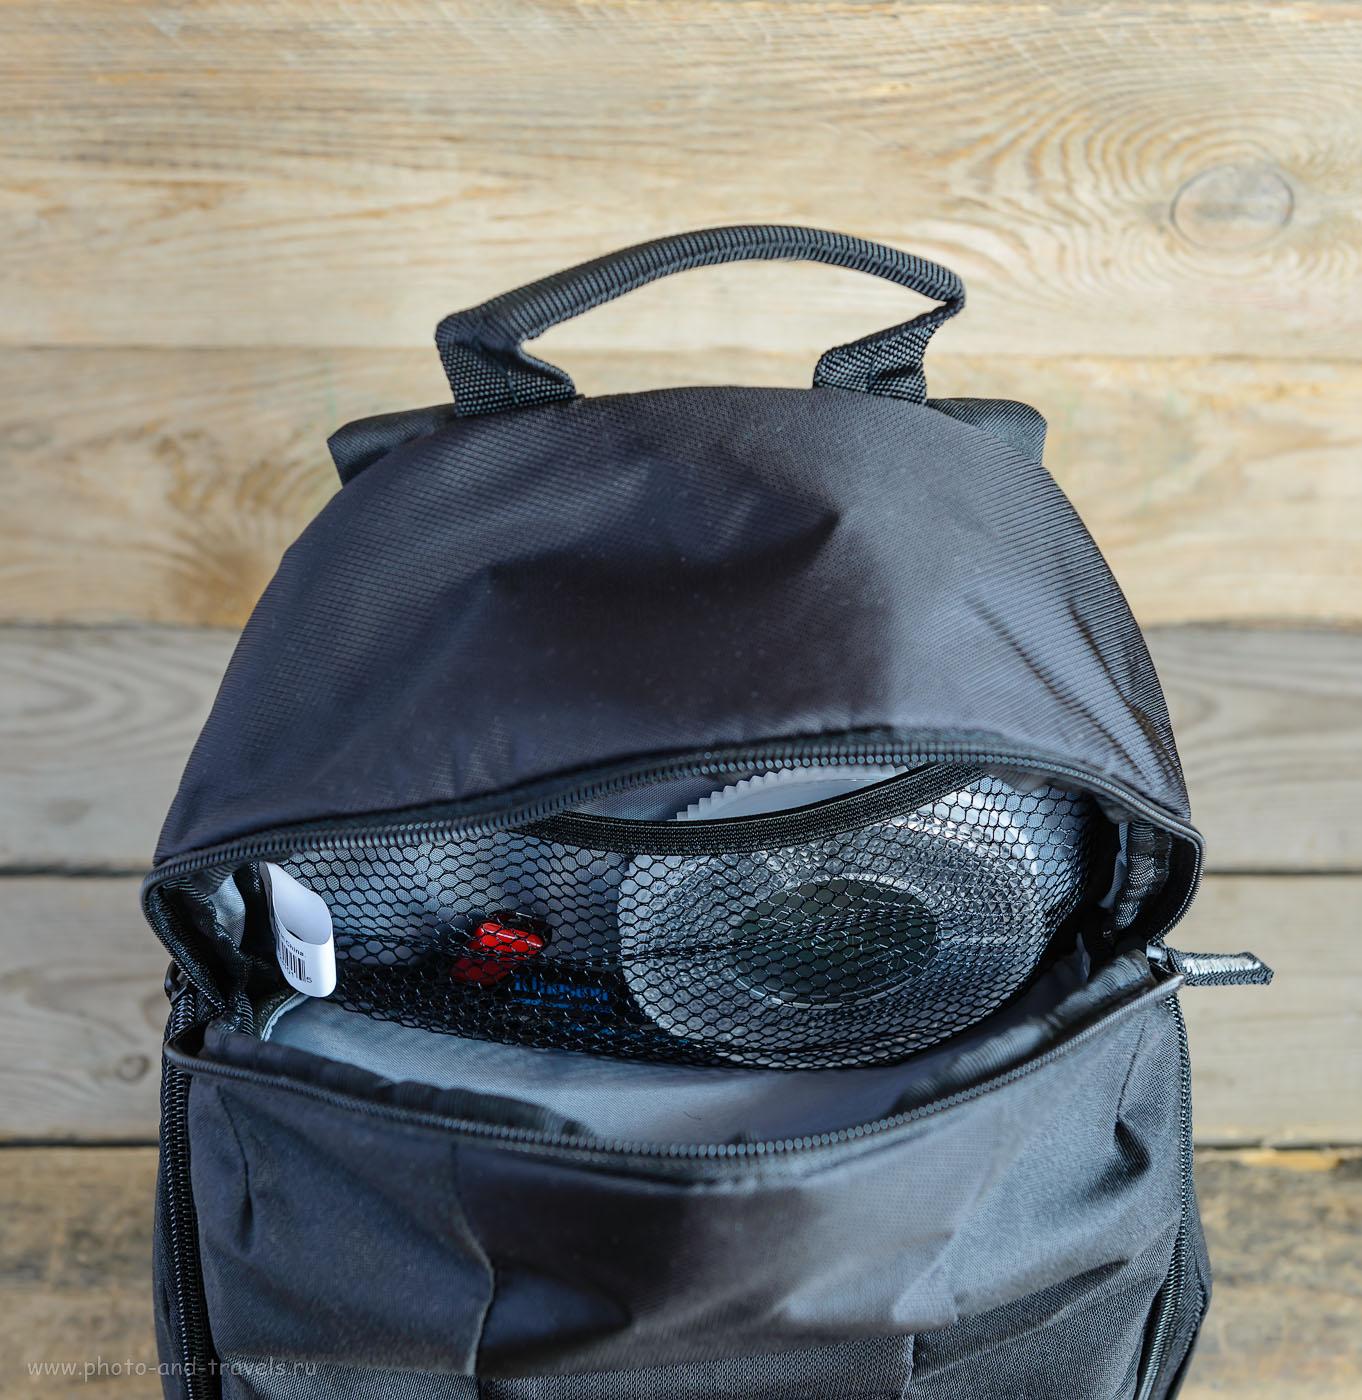 Фото 5. Верхний отсек фоторюкзака Case Logic TBC-411-Black. Имеется также сетчатый карман для крупных предметов.